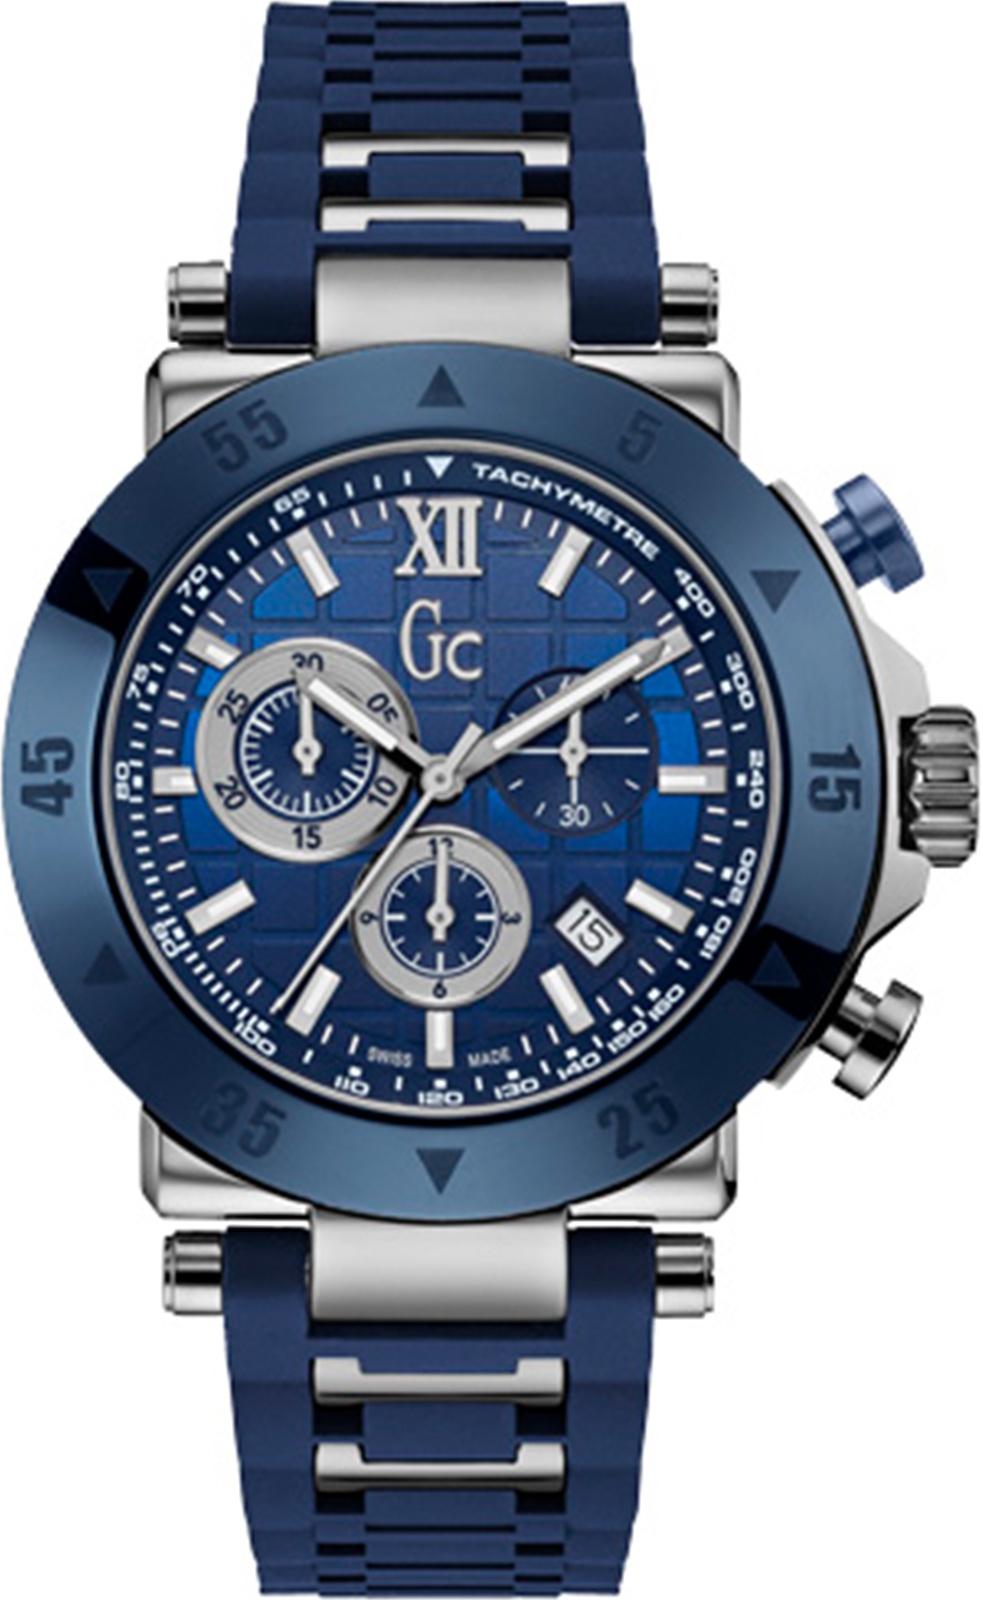 Часы GC Gc-1 Sport, синий, темно-синий, серебристый конструктор томик краски дня день 105 элементов 6674 21